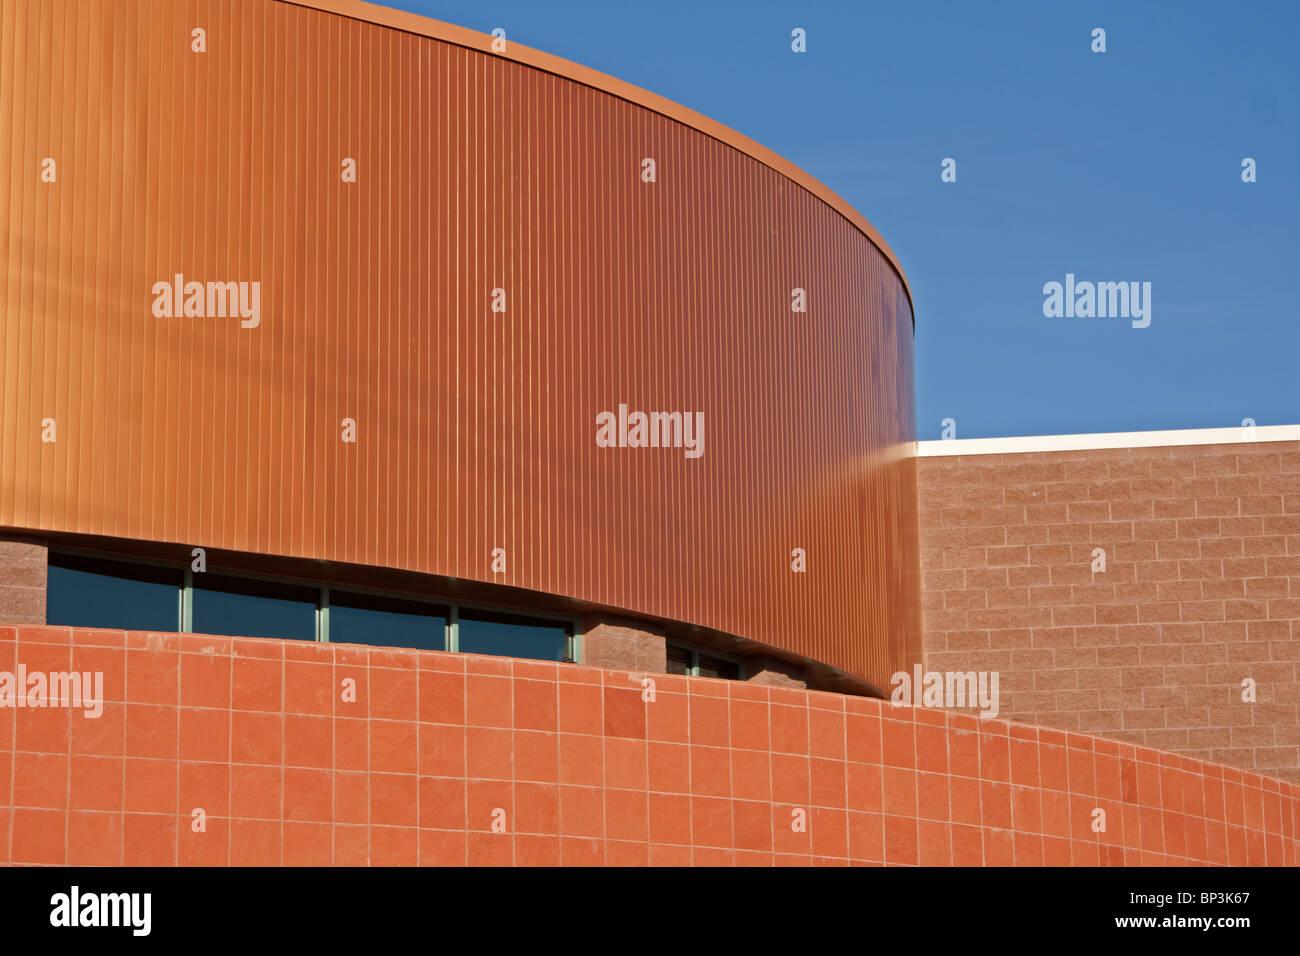 Haut de bâtiment commercial avec toit en cuivre Photo Stock